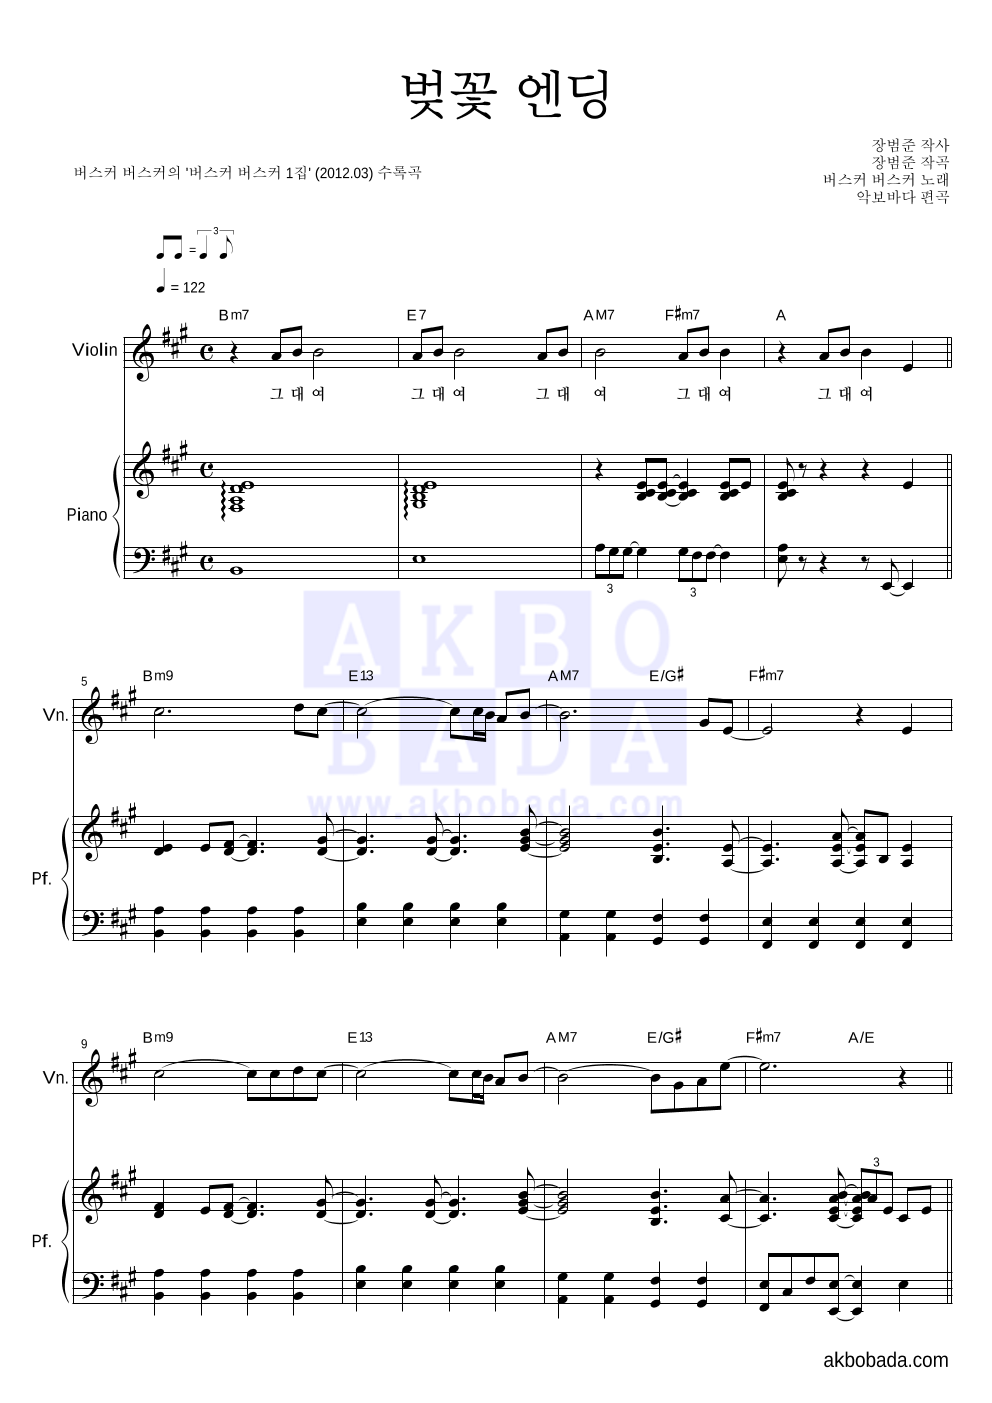 버스커 버스커 - 벚꽃 엔딩 바이올린&피아노 악보